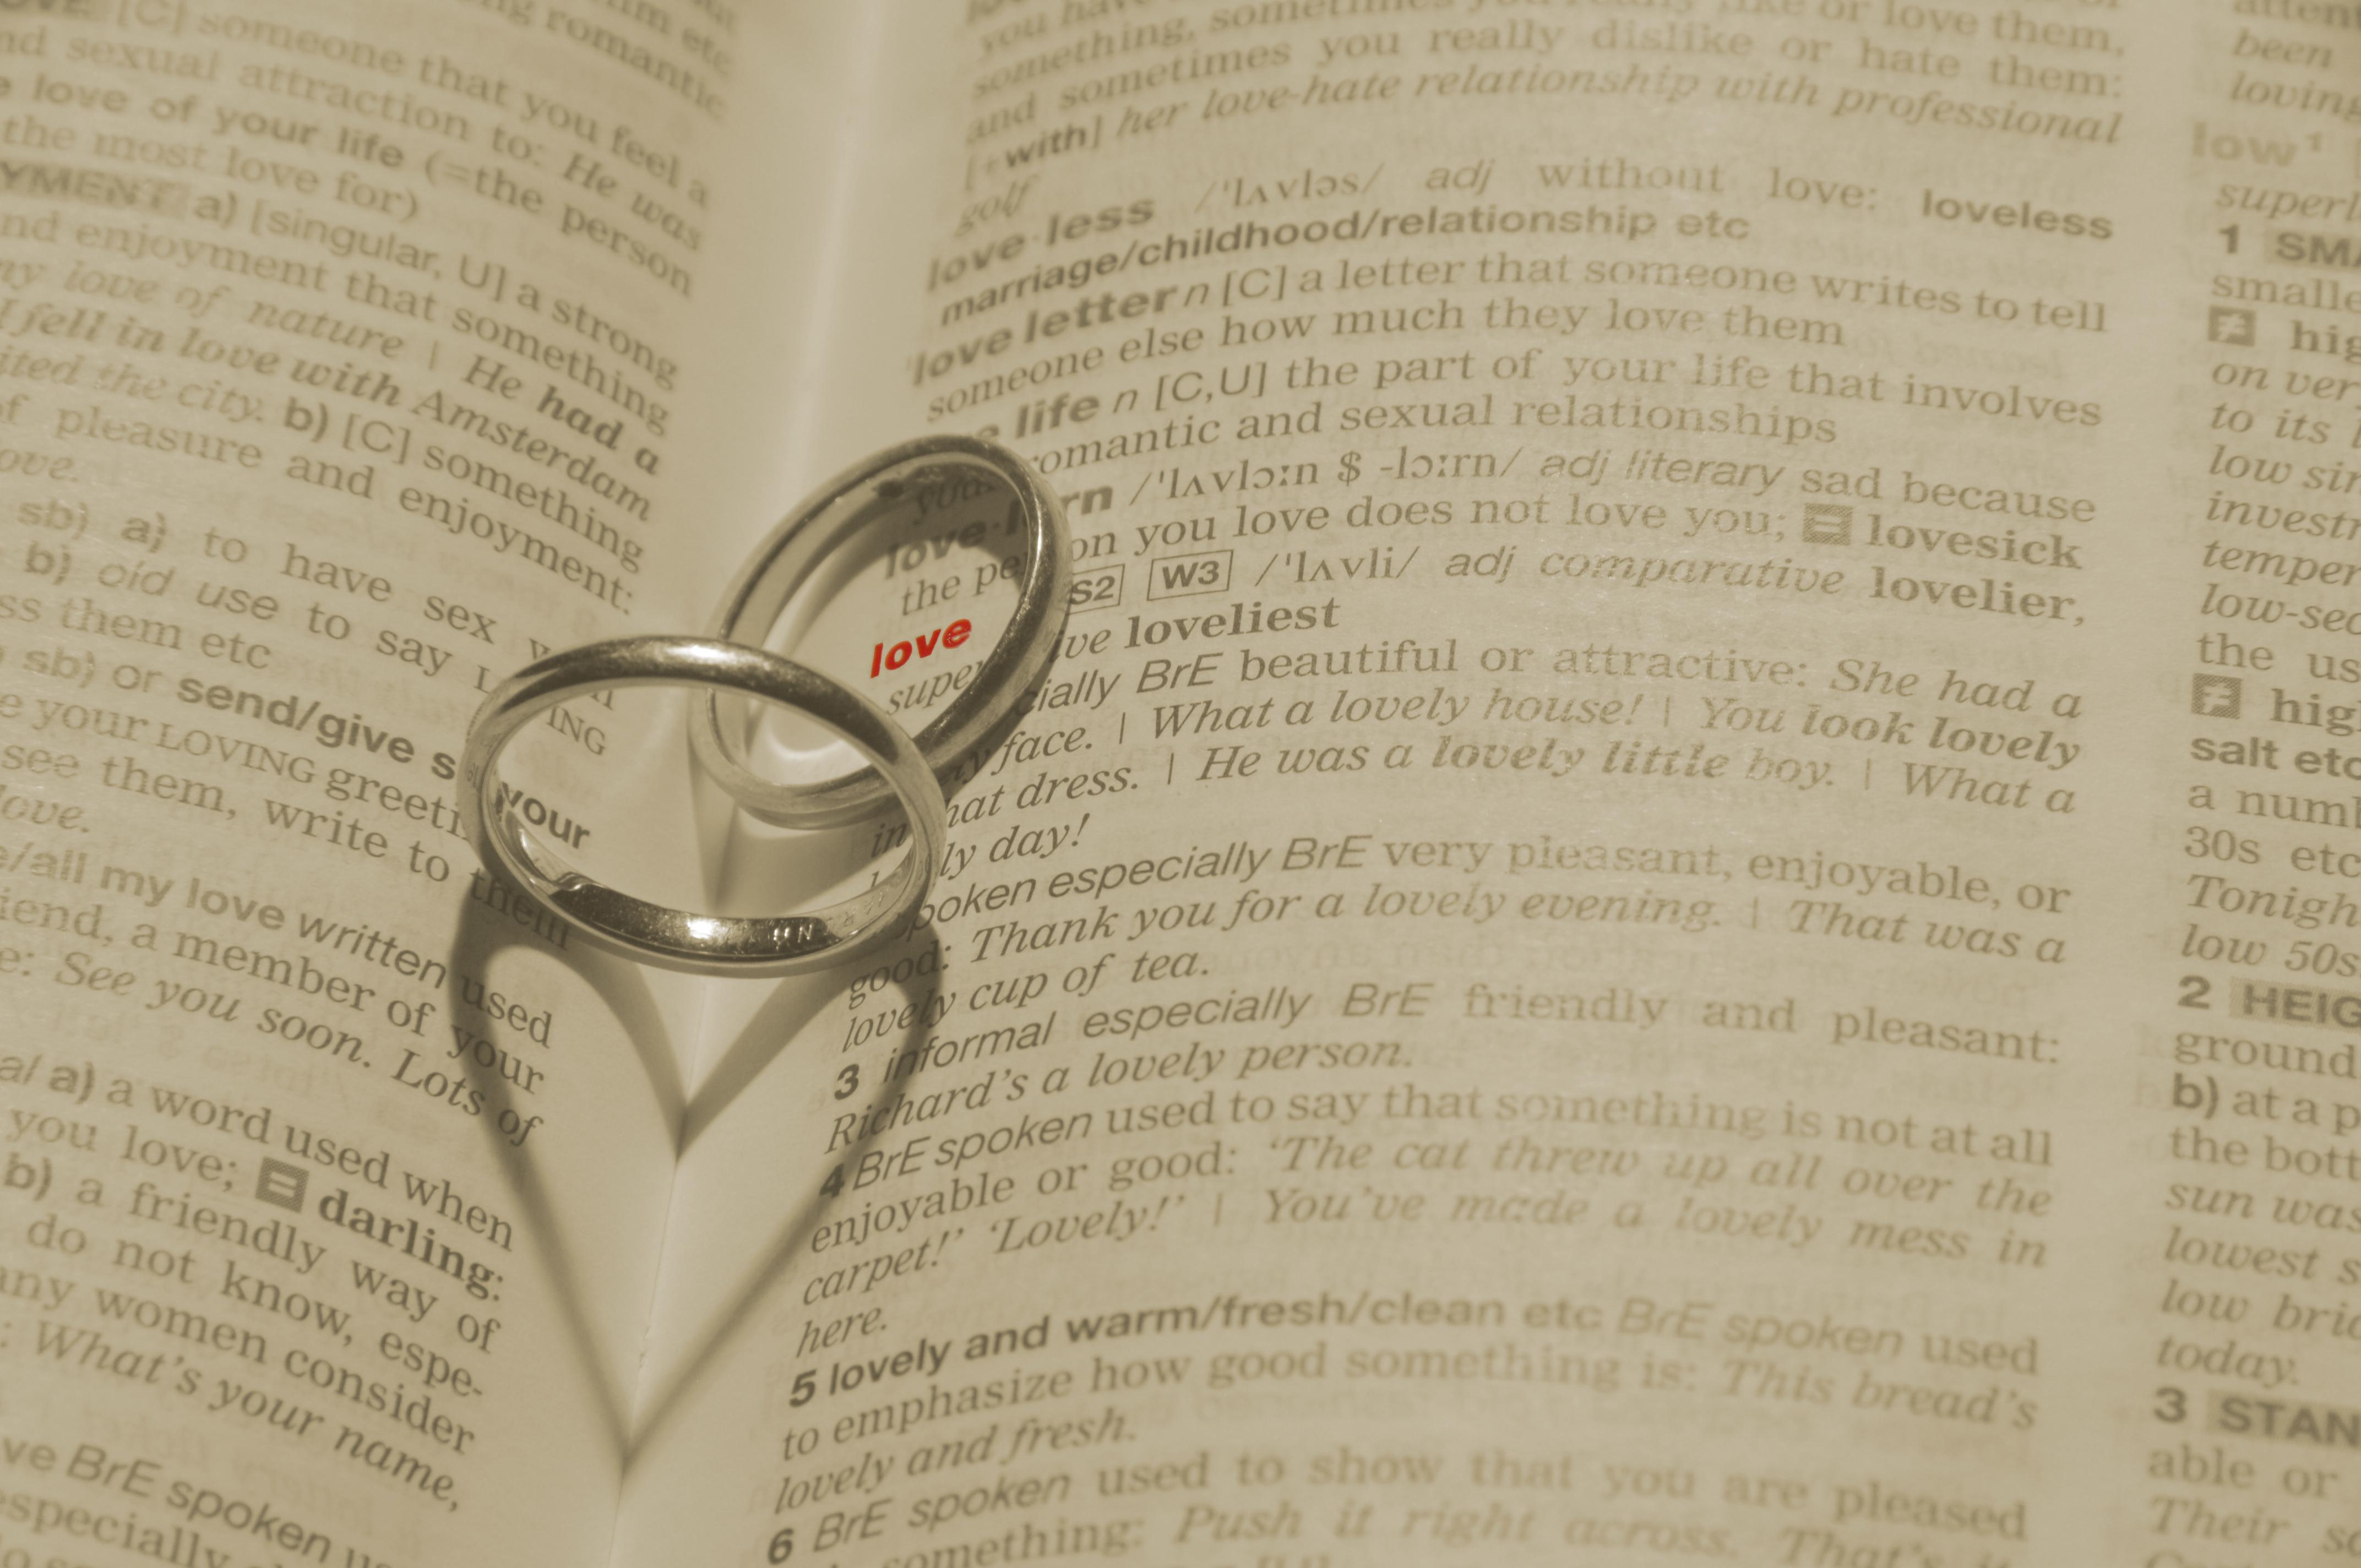 アラフォー女性の婚活術【絶対に結婚してはいけない男性の特徴】